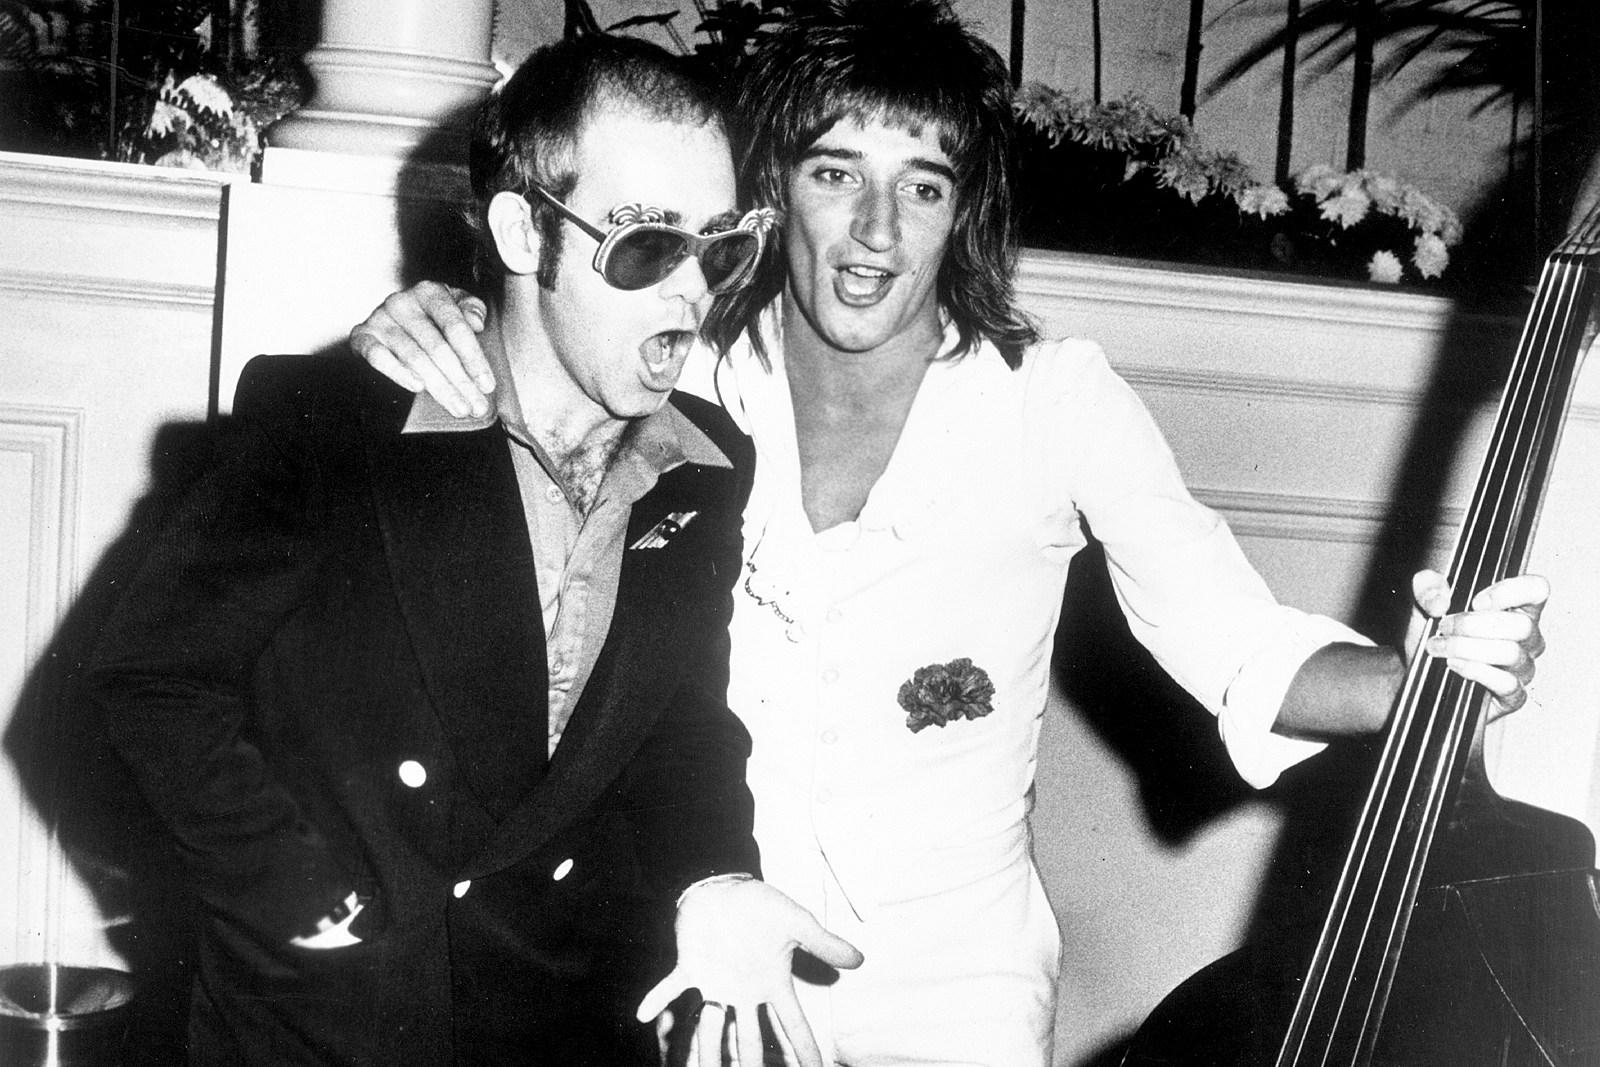 Rod Stewart Mocks Elton John's Retirement Tour as 'Dishonest'